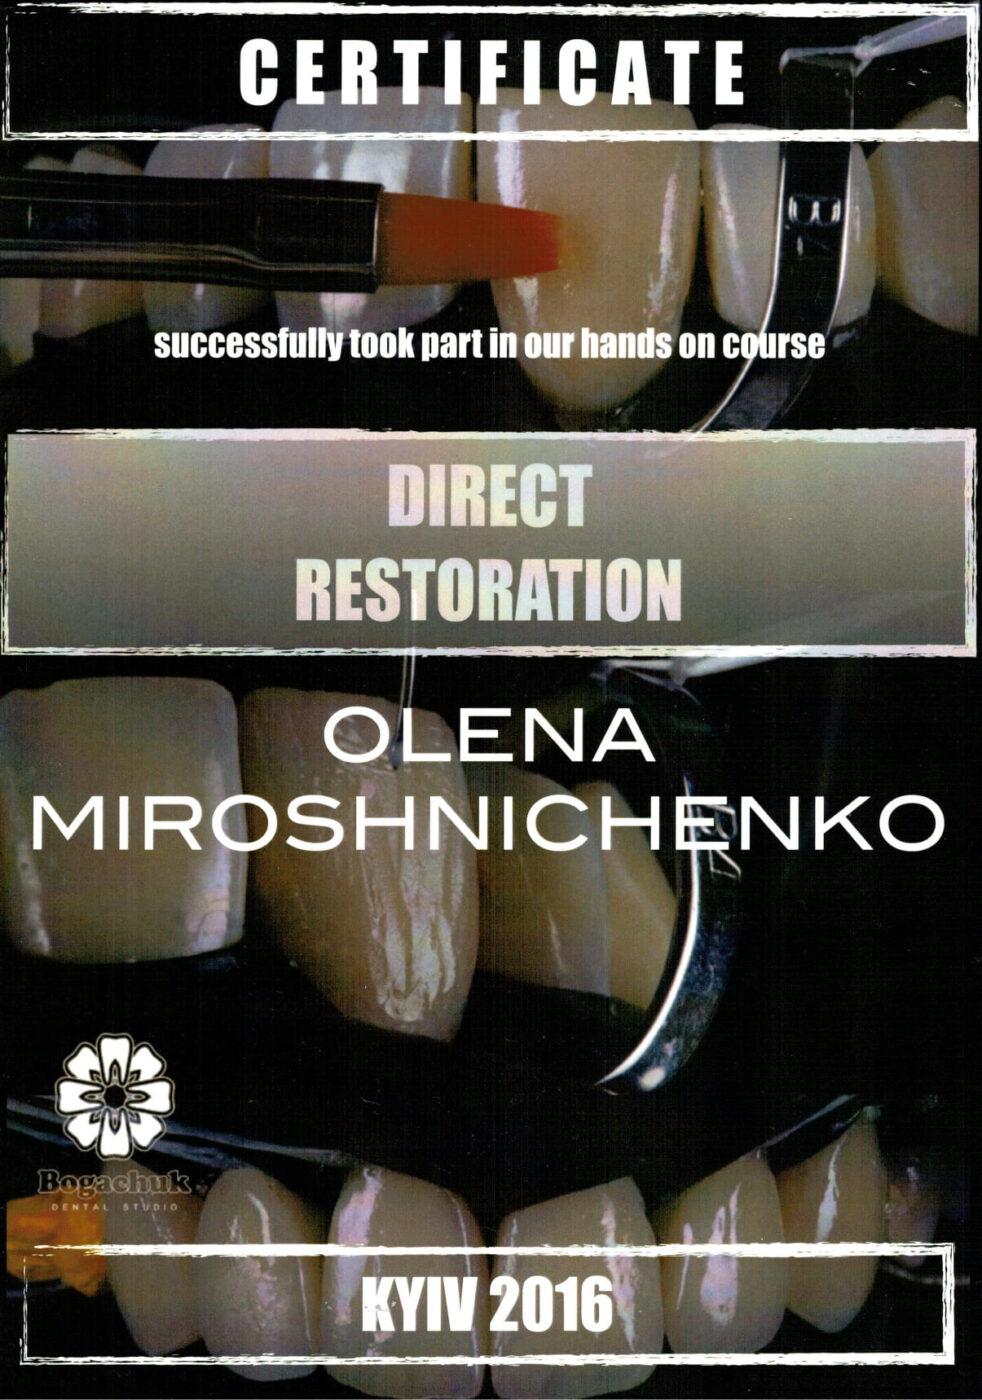 Сертификат подтверждающий участие Алёны Мирошниченко в курсе - Direct Restoration